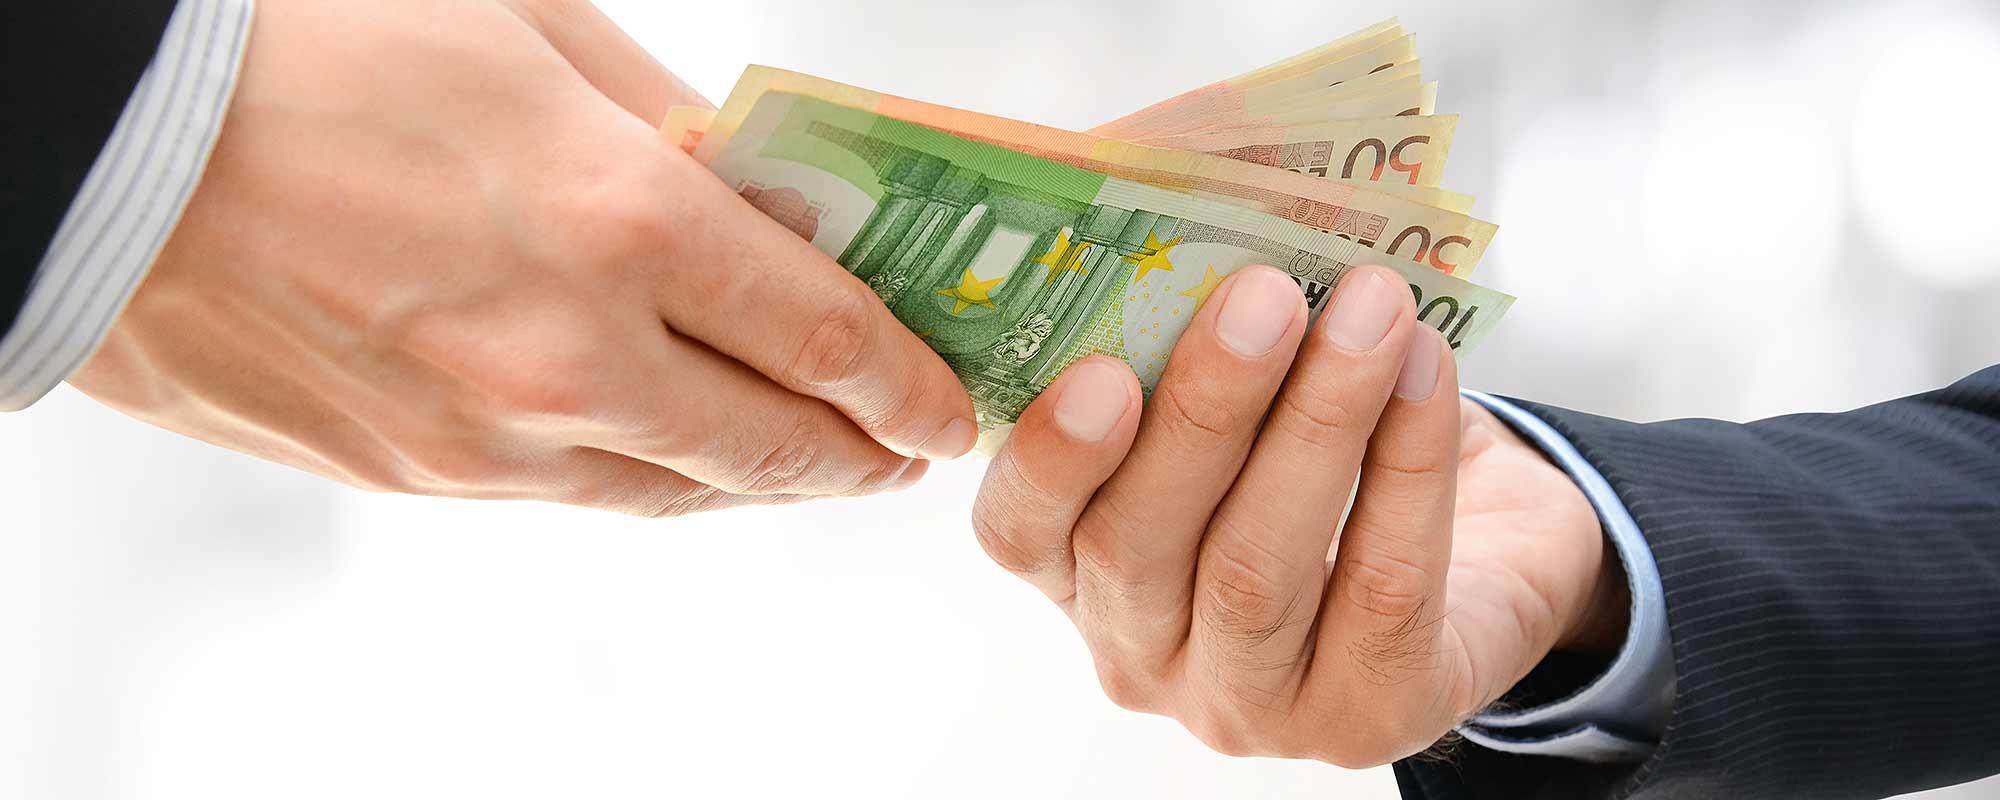 Vorauszahlungsanzeige